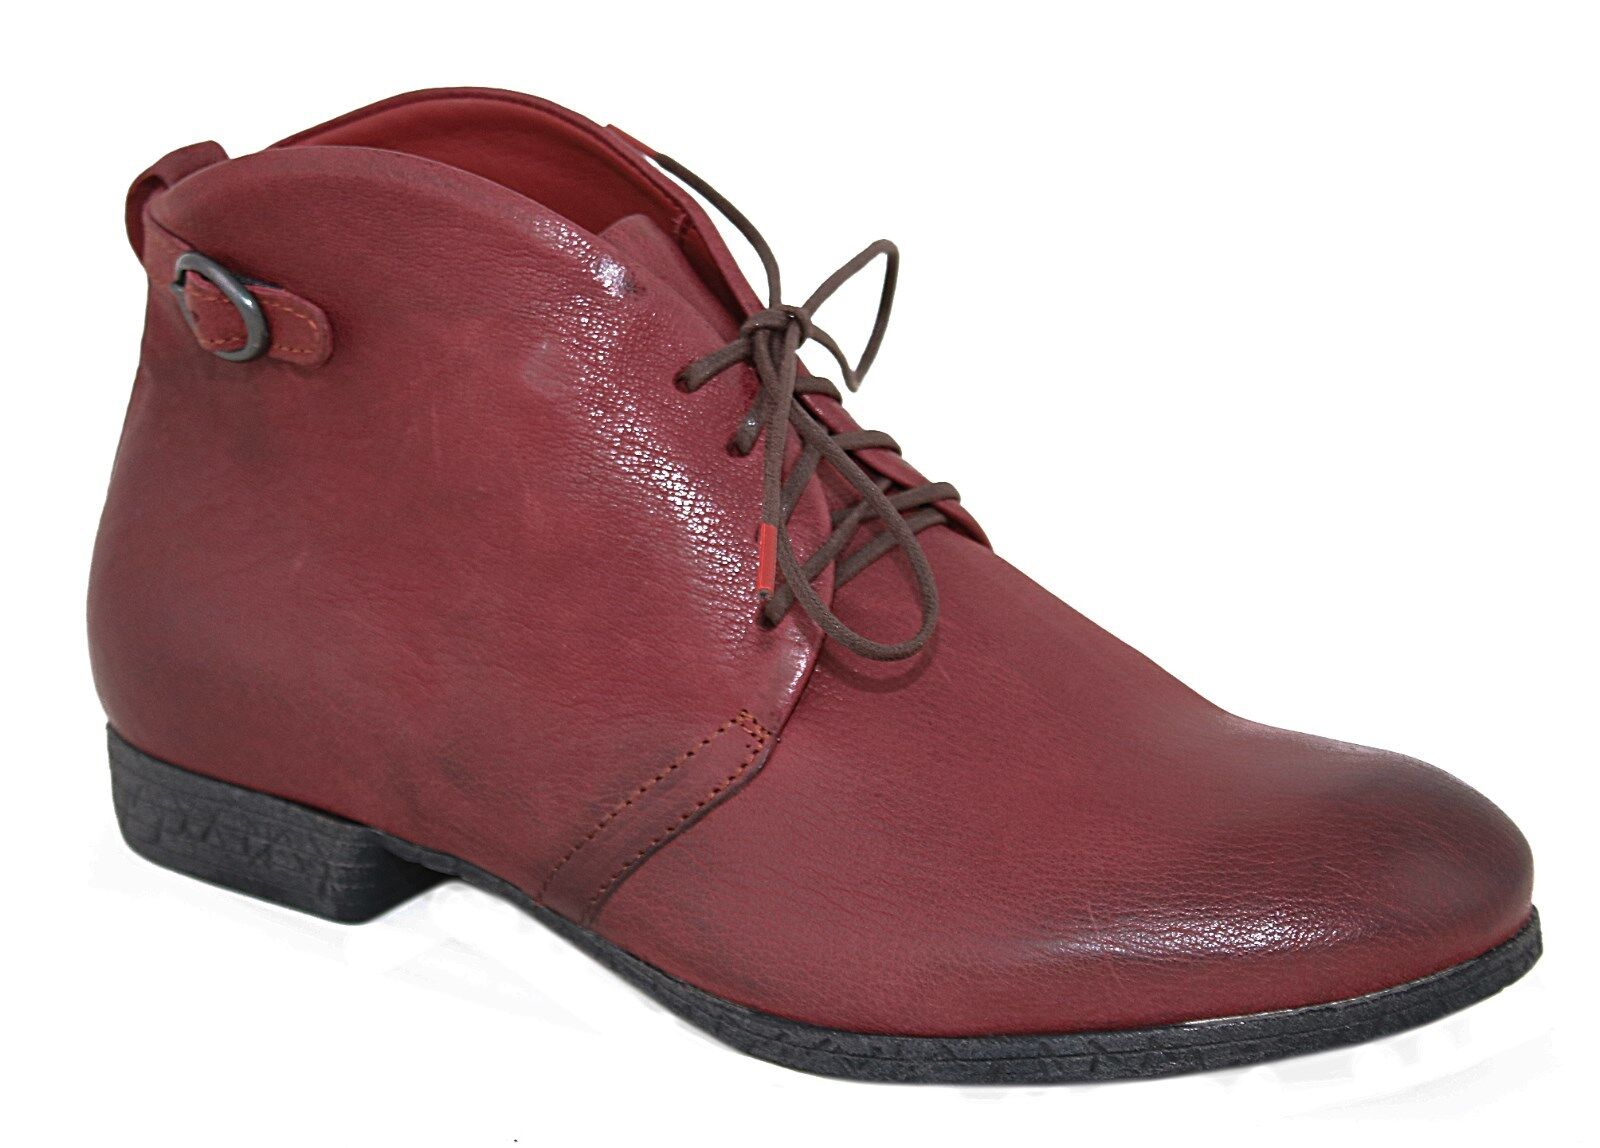 Grandes zapatos con descuento THINK! 81130 Damen Stiefelette Schnürer EBBS  546